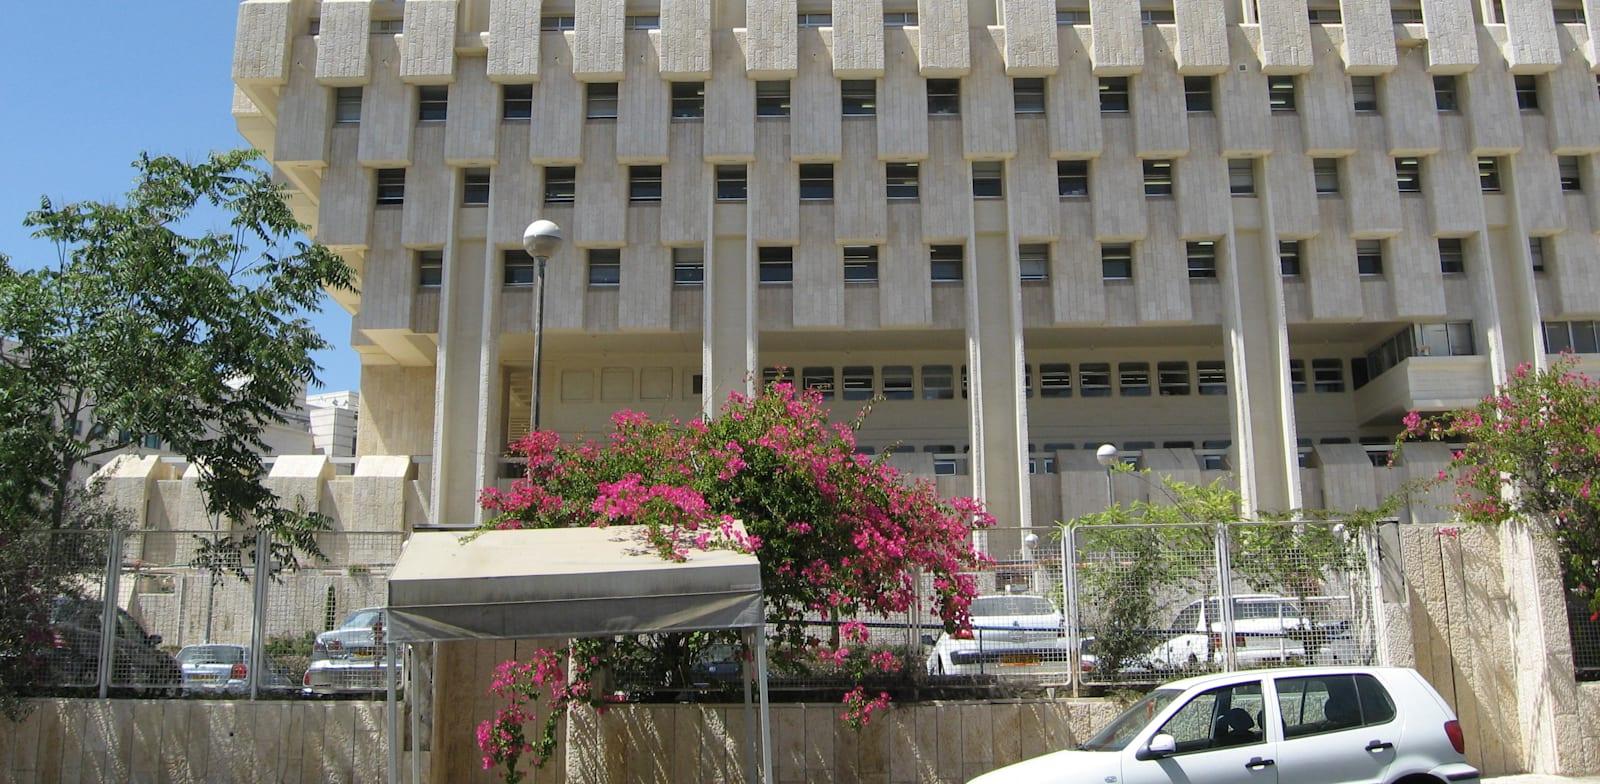 בנק ישראל בירושלים / צילום: אורית דיל